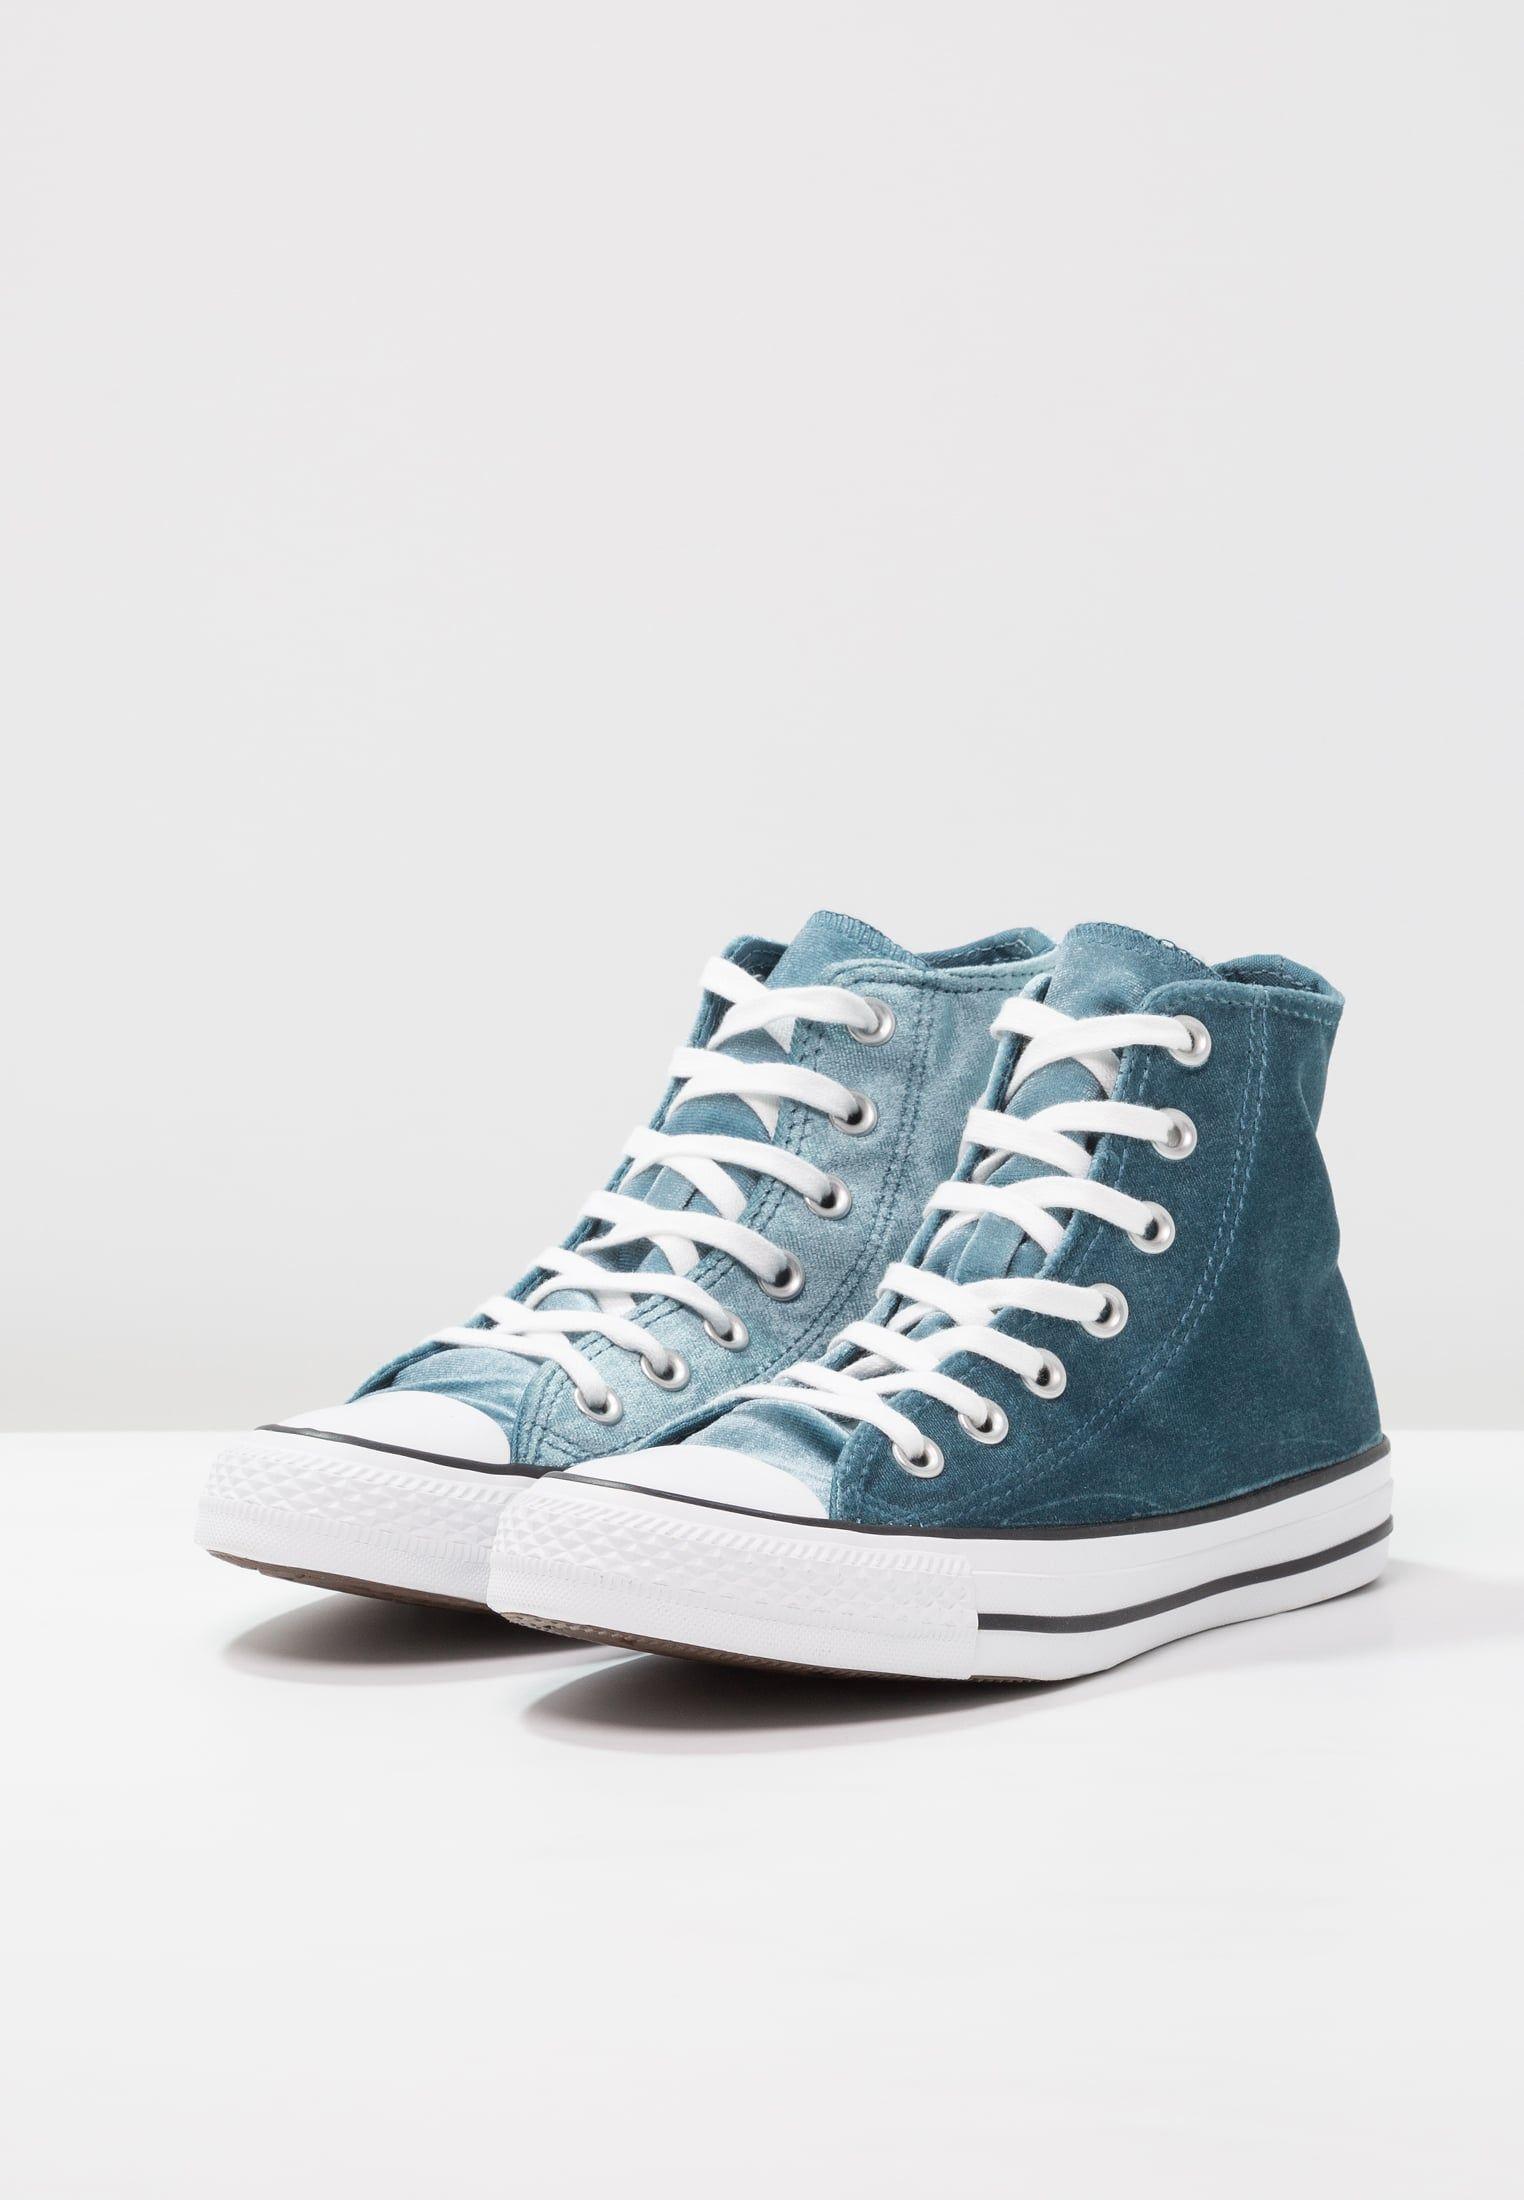 Chaussures Converse bleu | Nouvelle collection sur Zalando